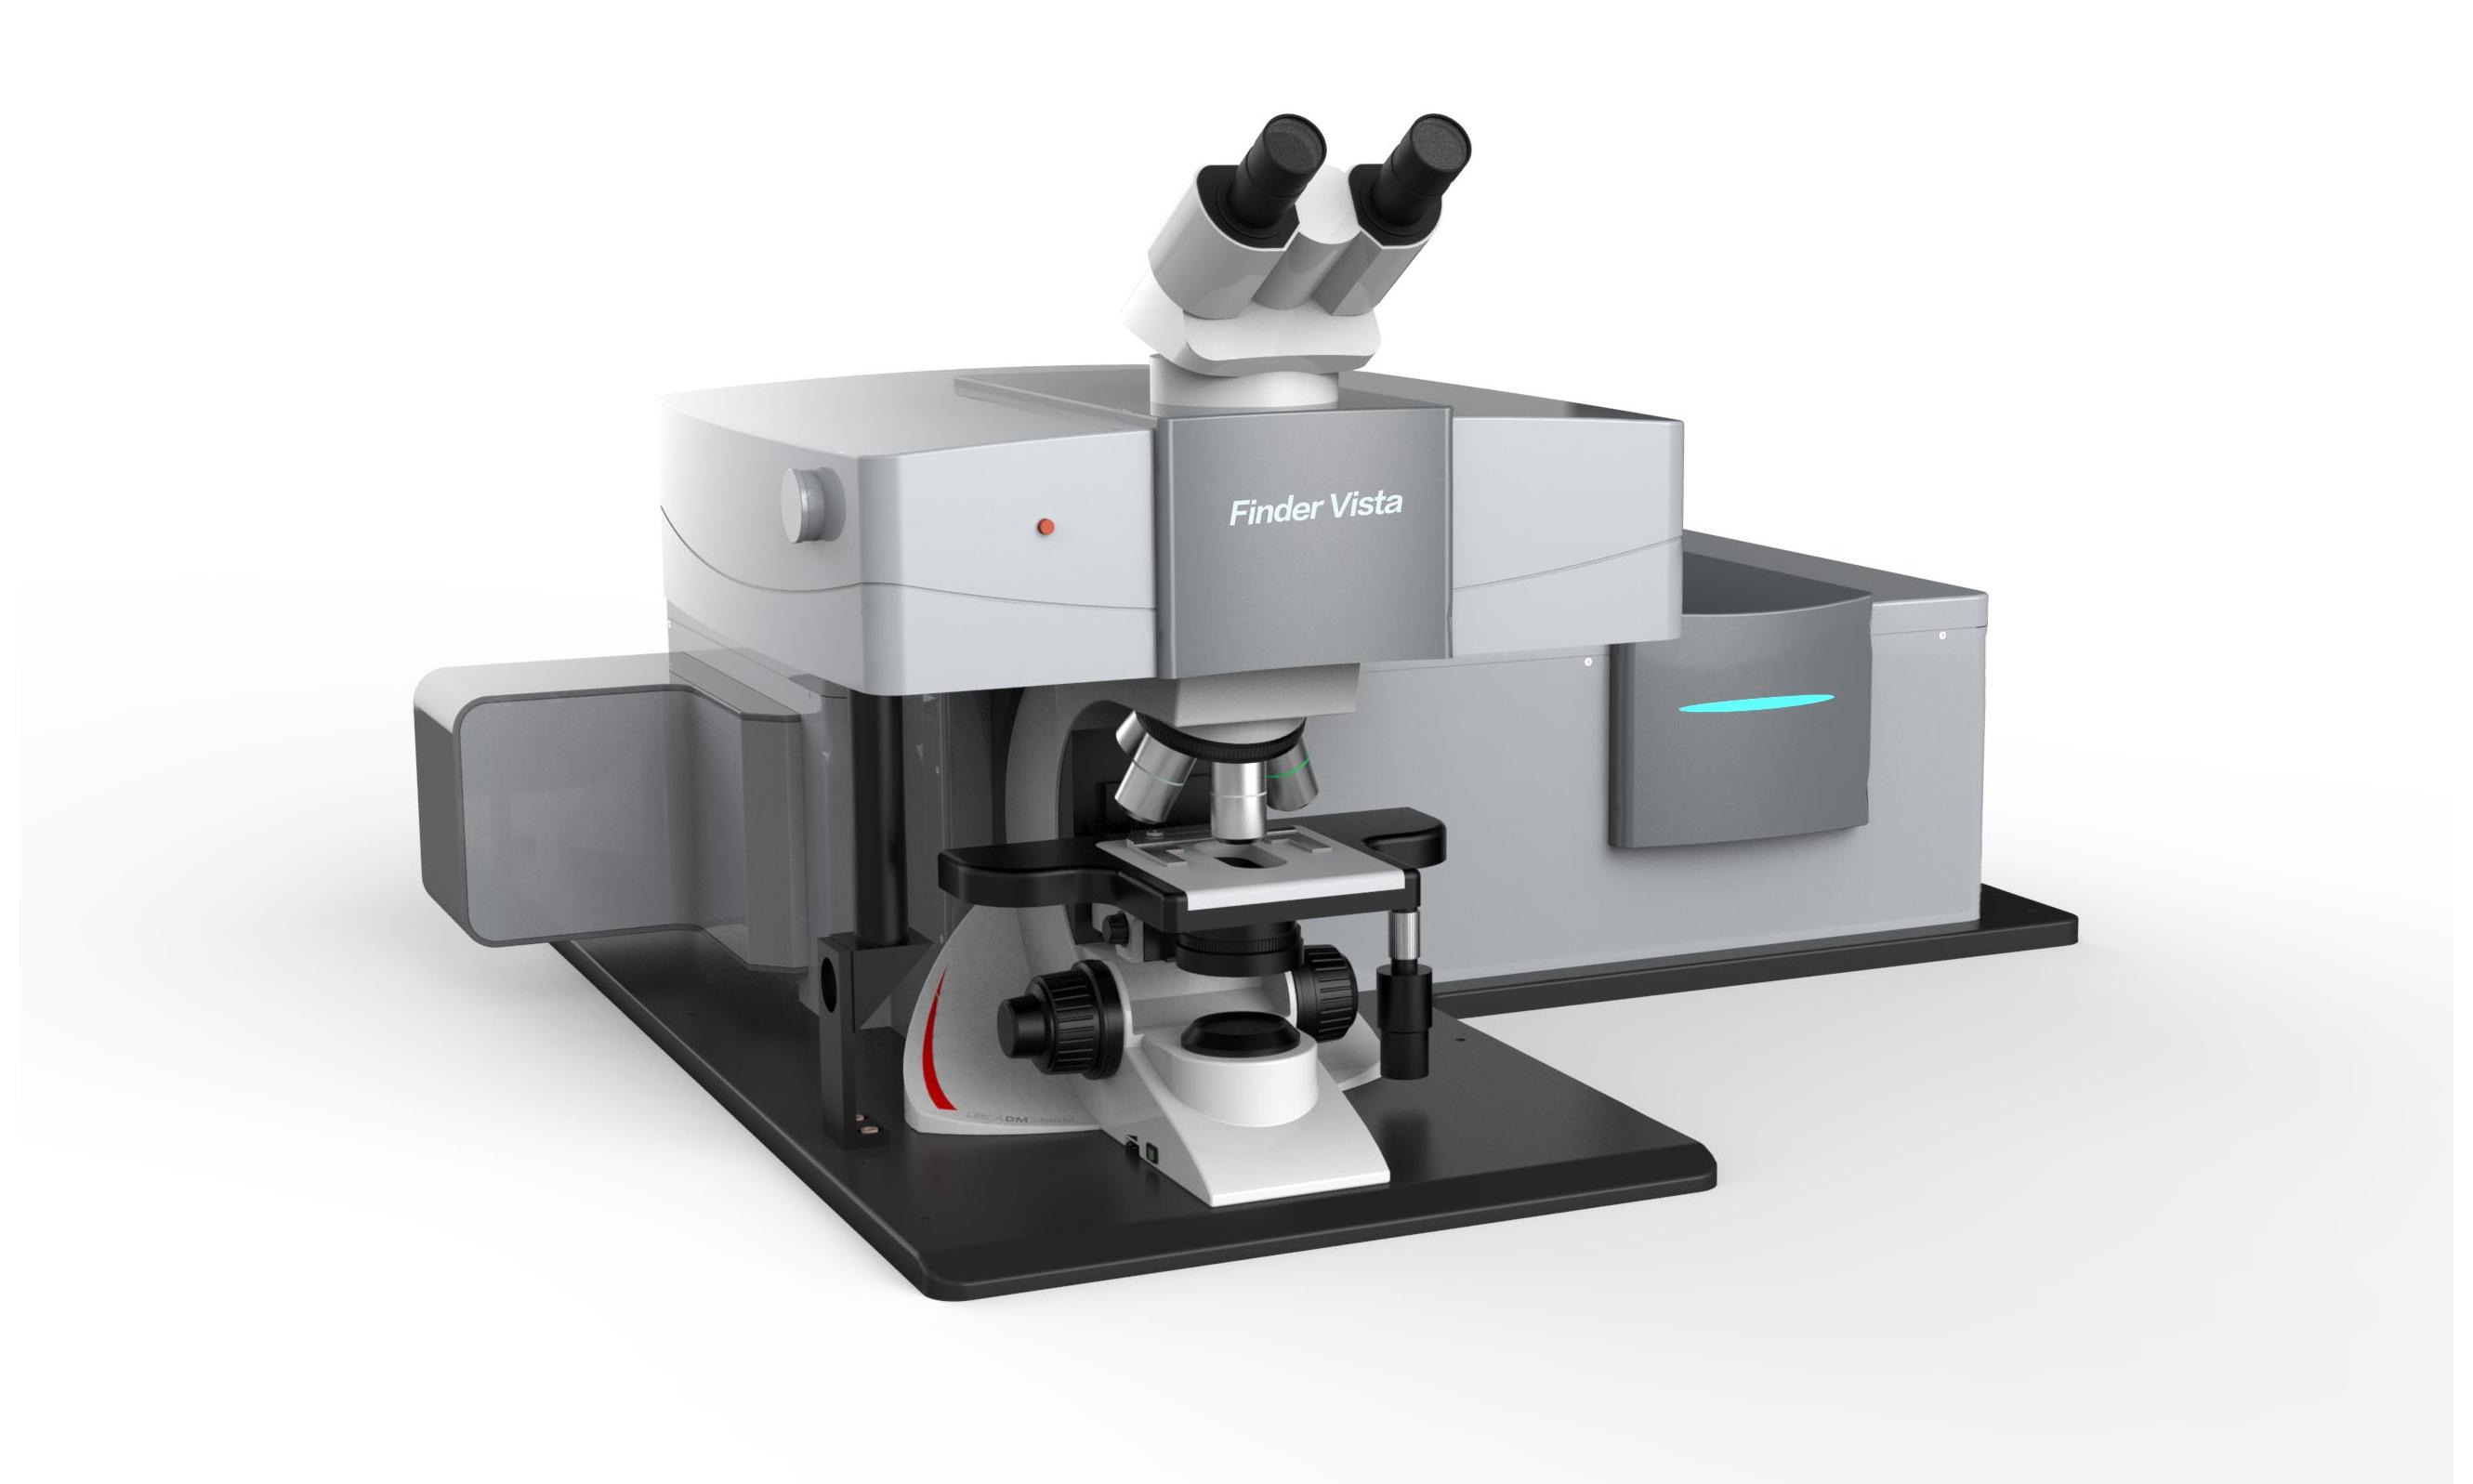 宁波材料技术与工程研究所激光共聚焦显微拉曼光谱仪等仪器设备采购项目招标